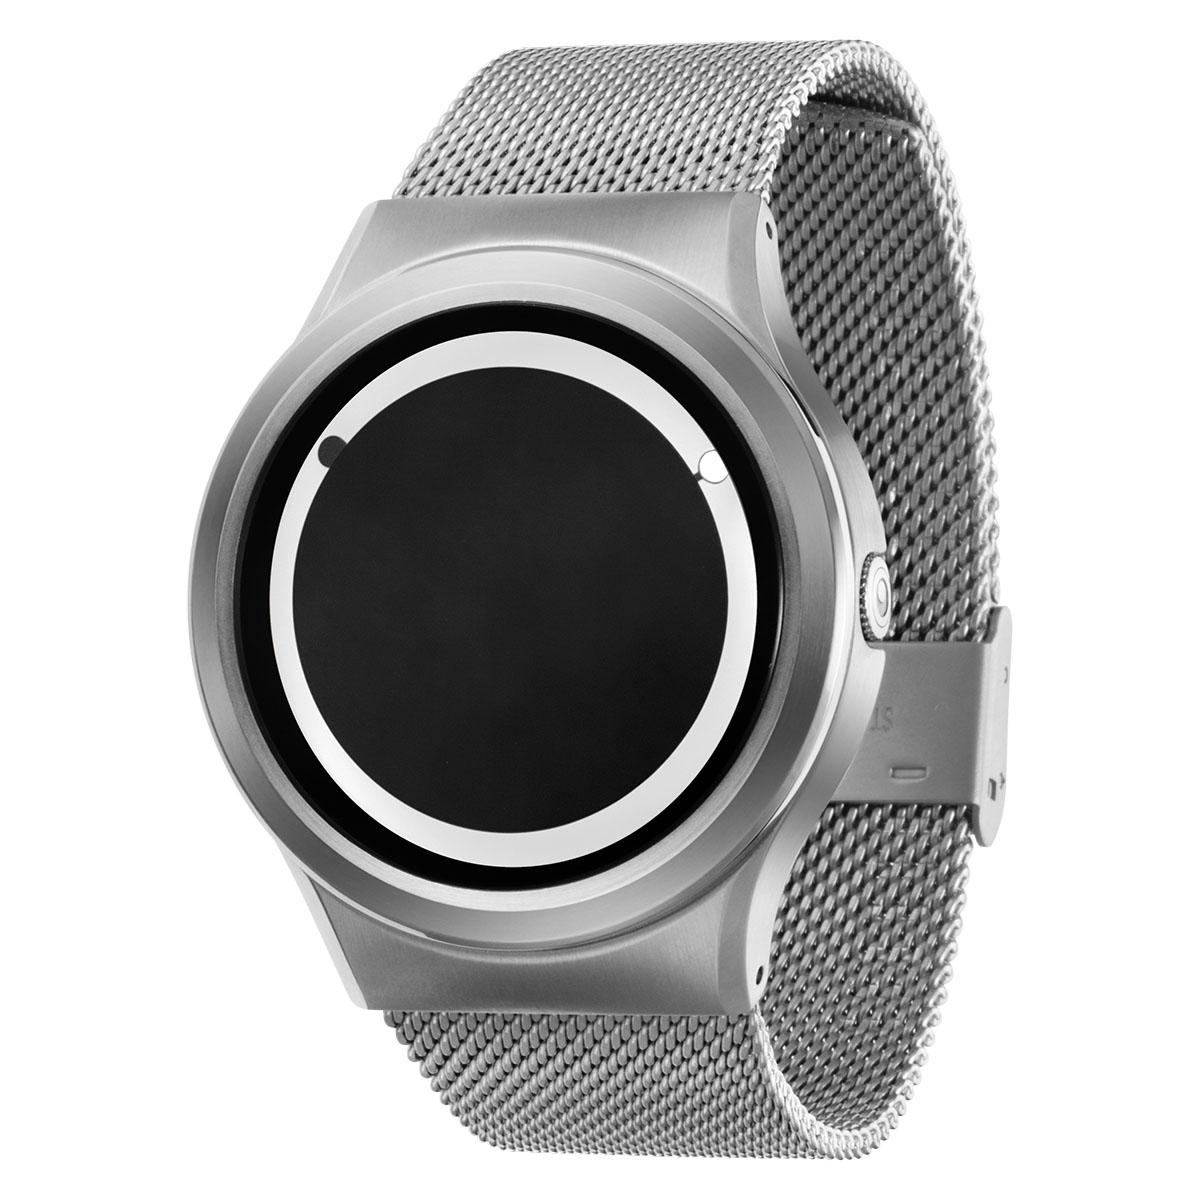 ファッションウォッチ デザインウォッチ 5ATM メーカー保障12ヶ月 ベルト調整用工具 LOGO入りクロス 取扱説明書 ZIIIROとは関係ありません ZEROOTIME ゼロタイム ZEROO PLANET ホワイト ゼロ ペア用 W13030B01SM01 電池式クォーツ メンズ レディース ECLIPSE デザイナーズ おしゃれ時計 ユニセックス 予約 新商品 新型 腕時計